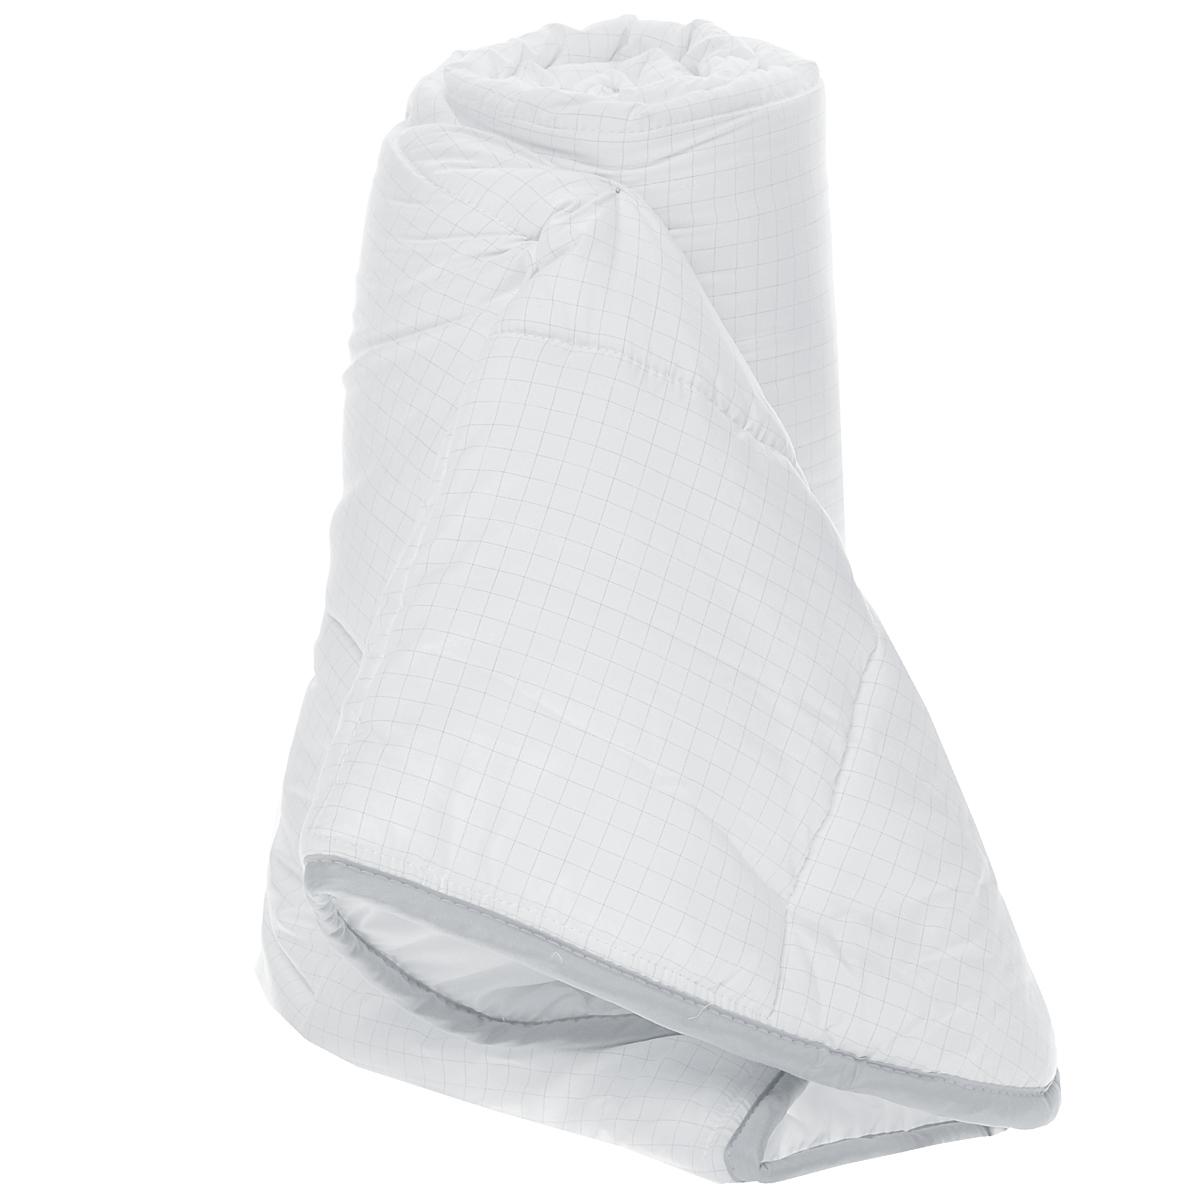 Одеяло легкое Comfort Line Антистресс, наполнитель: полиэстер, 140 х 205 см174352Легкое одеяло Comfort Line Антистресс подарит незабываемое чувство комфорта и уюта во время сна. Одеяло выполнено по инновационной технологии с применением карбоновой нити, которая способна снимать и отводить статическое напряжение. При уменьшении статического электричества качество сна увеличивается, вы почувствуете себя более отдохнувшим и снявшим стресс. Идеально подойдет людям, которые много времени проводят на работе, подвержены стрессу и заботятся о своем здоровье. Изделие также отлично отводит и испаряет влагу.Одеяло упаковано в пластиковую сумку-чехол, закрывающуюся на застежку-молнию.Рекомендации по уходу: - Можно стирать в стиральной машине при температуре не выше 30°С. - Не отбеливать. - Не гладить. - Нельзя отжимать и сушить в стиральной машине. - Химчистка с мягким растворителем. - Сушить вертикально. Материал чехла: микрофибра (99,4% полиэстер, 0,6% карбон).Наполнитель: полиэстеровое волокно (100% полиэстер). Размер: 140 см х 205 см. Масса наполнителя: 150 г/м2.